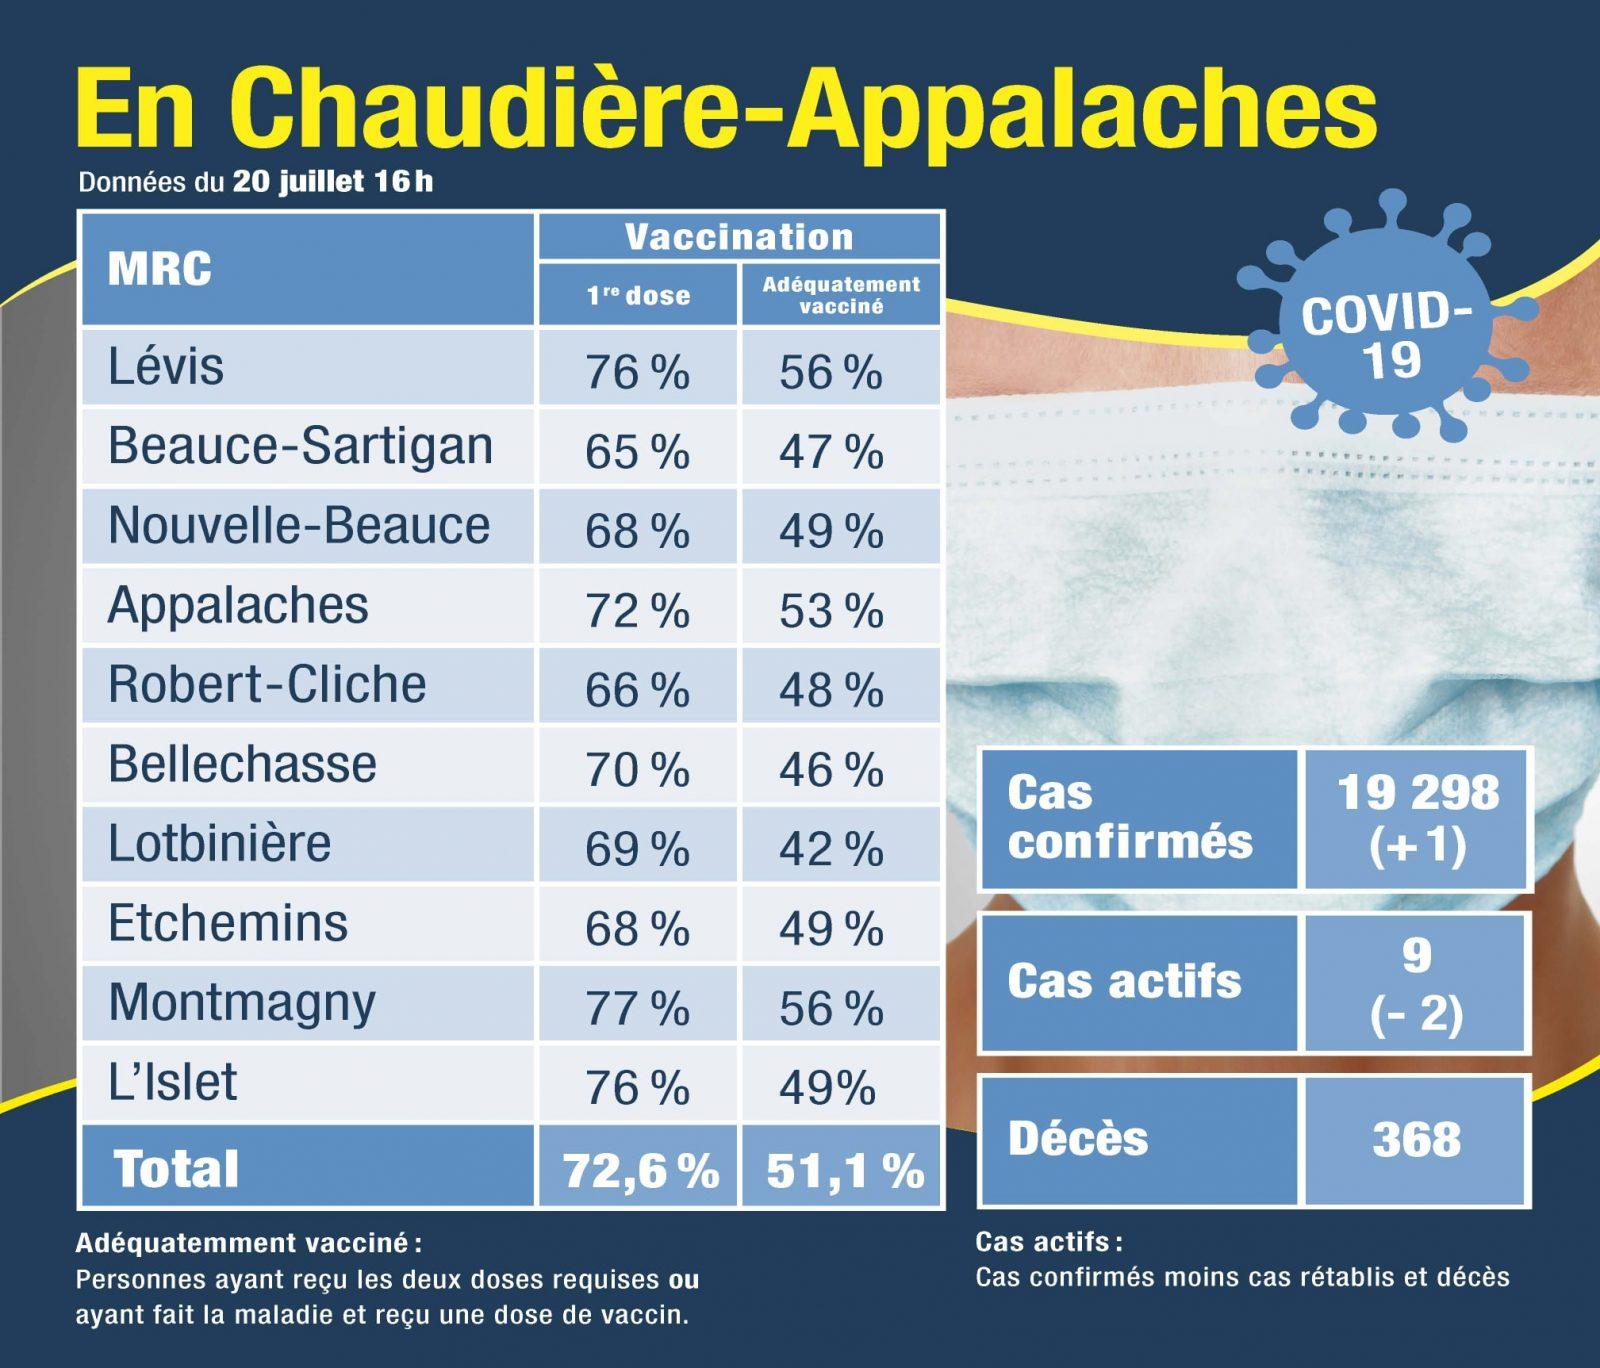 Plus de 50% de la population en Chaudière-Appalaches ont reçu leur deuxième dose